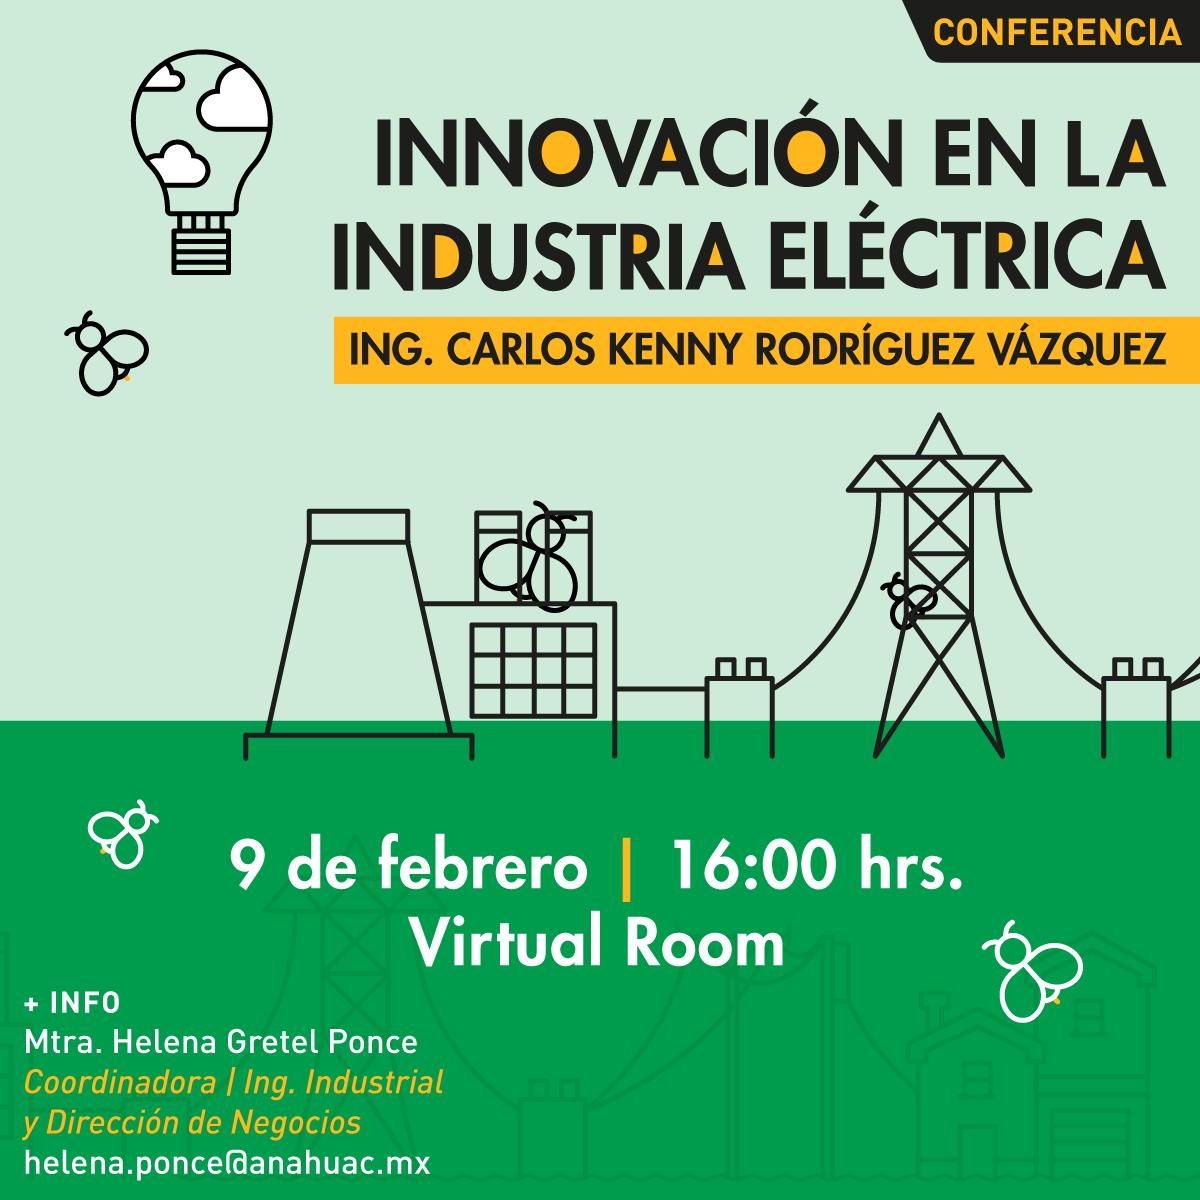 Innovación en la Industria Eléctrica